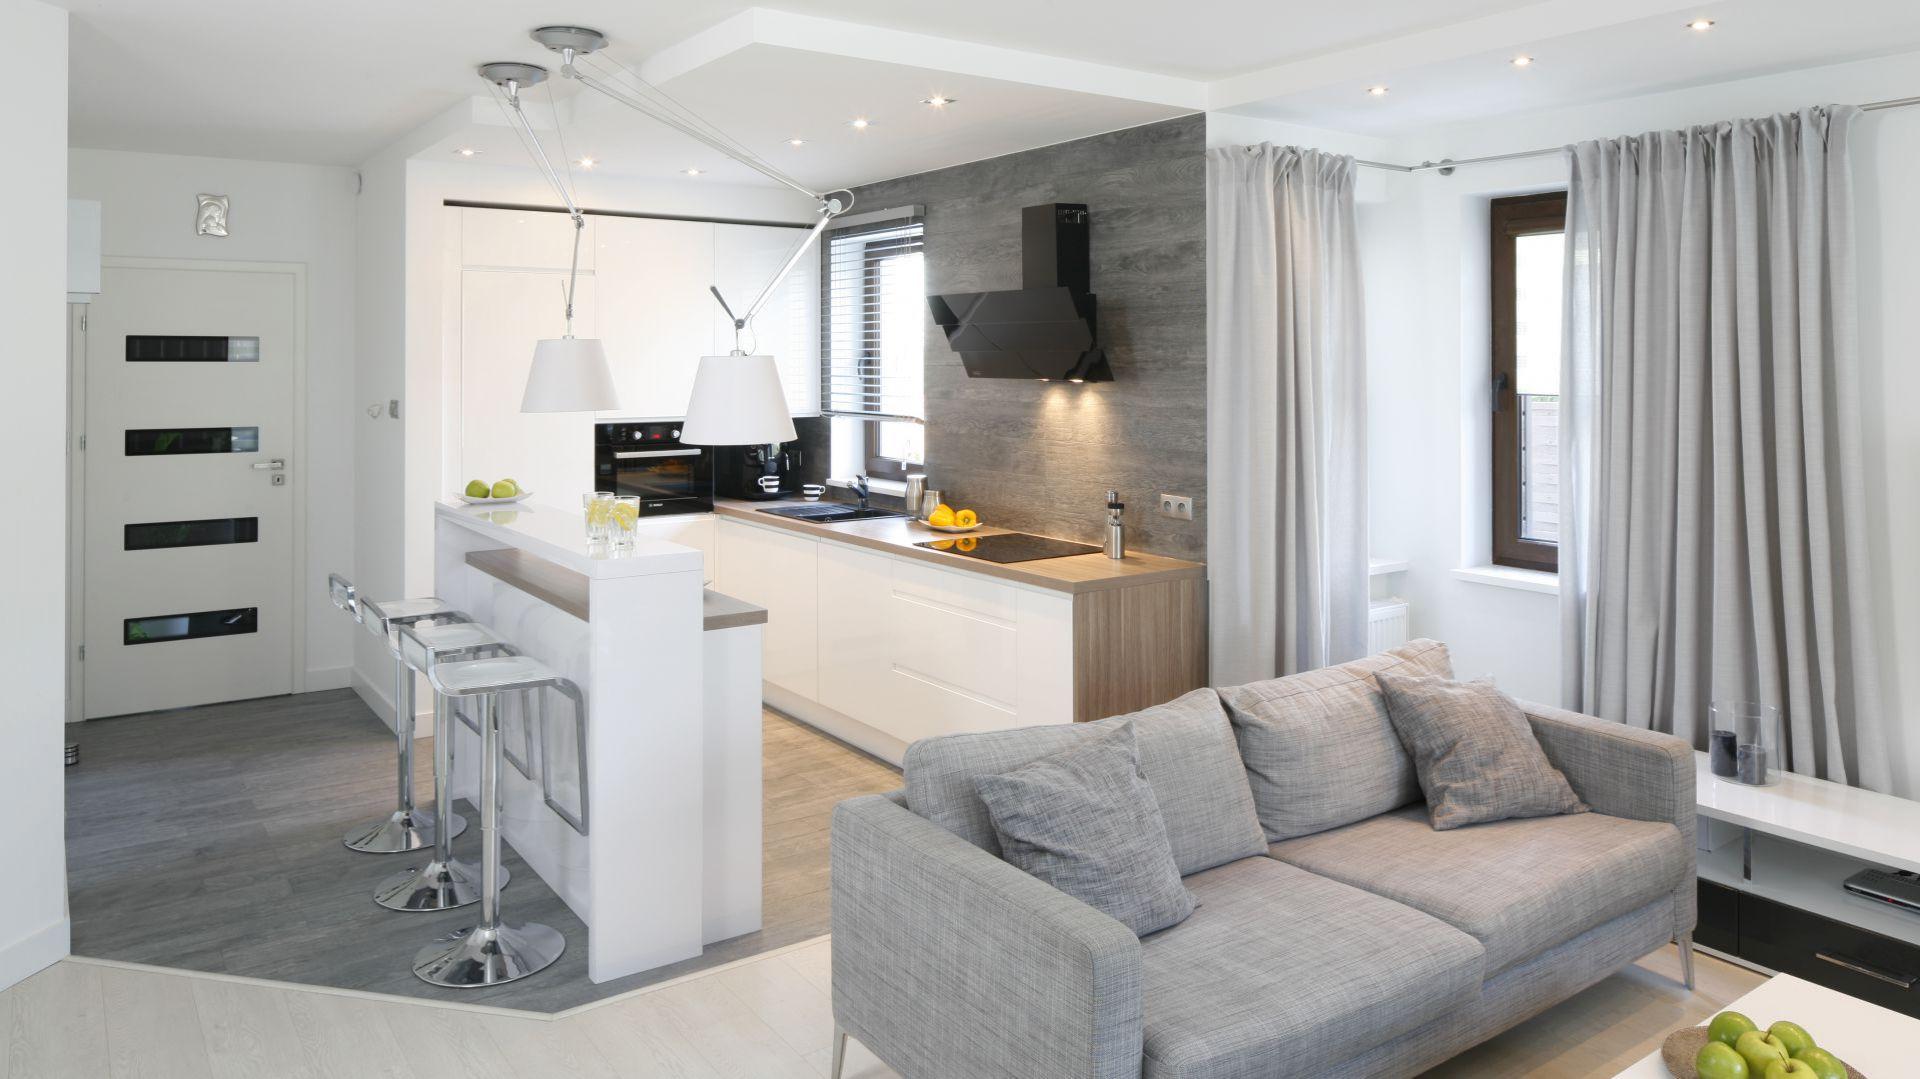 Salon z aneksem kuchennym salon z aneksem kuchennym for Salon cuisine ouverte 45m2